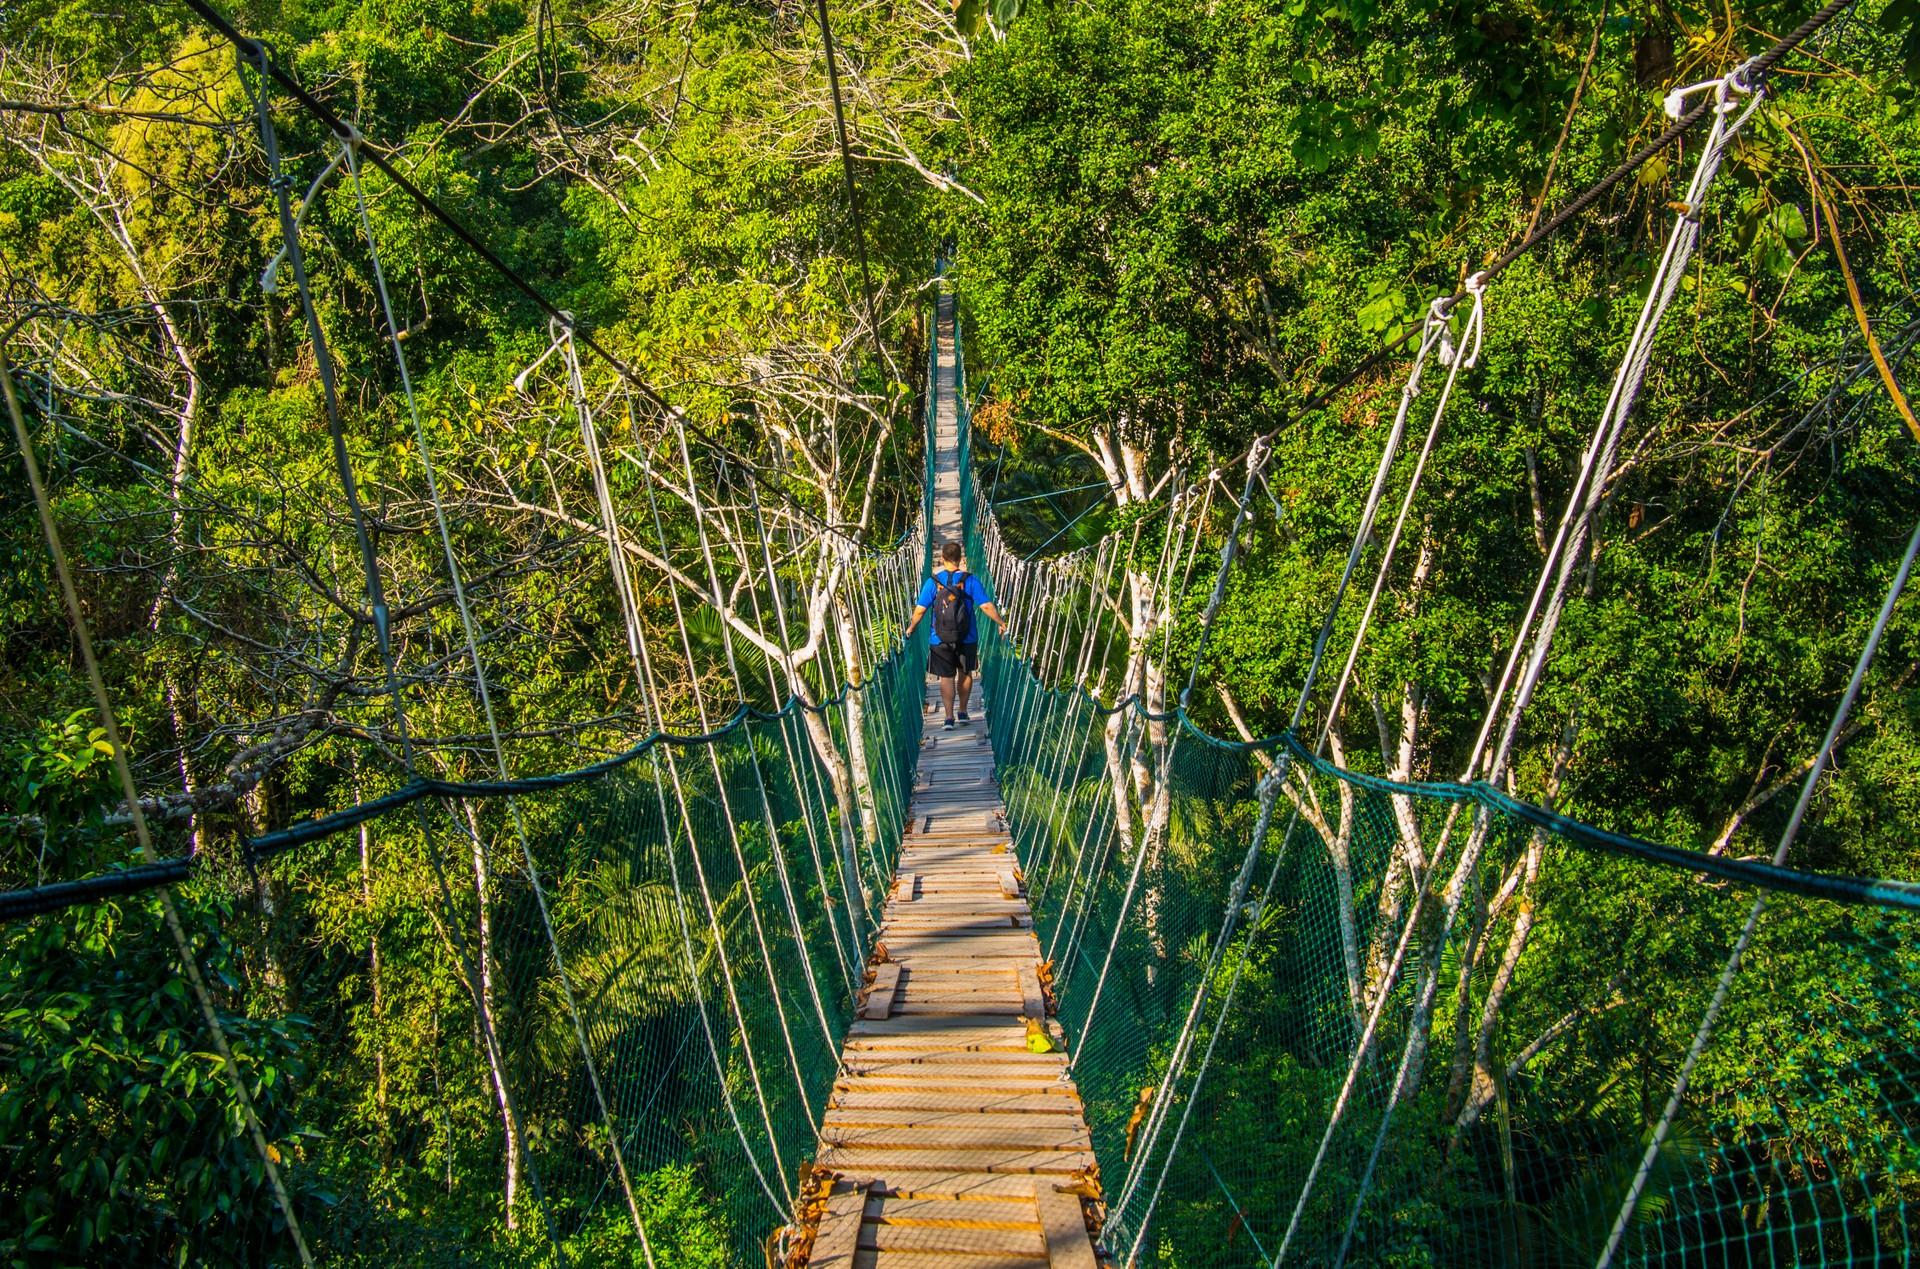 A man walking across a jungle bridge in Peru's Amazon region